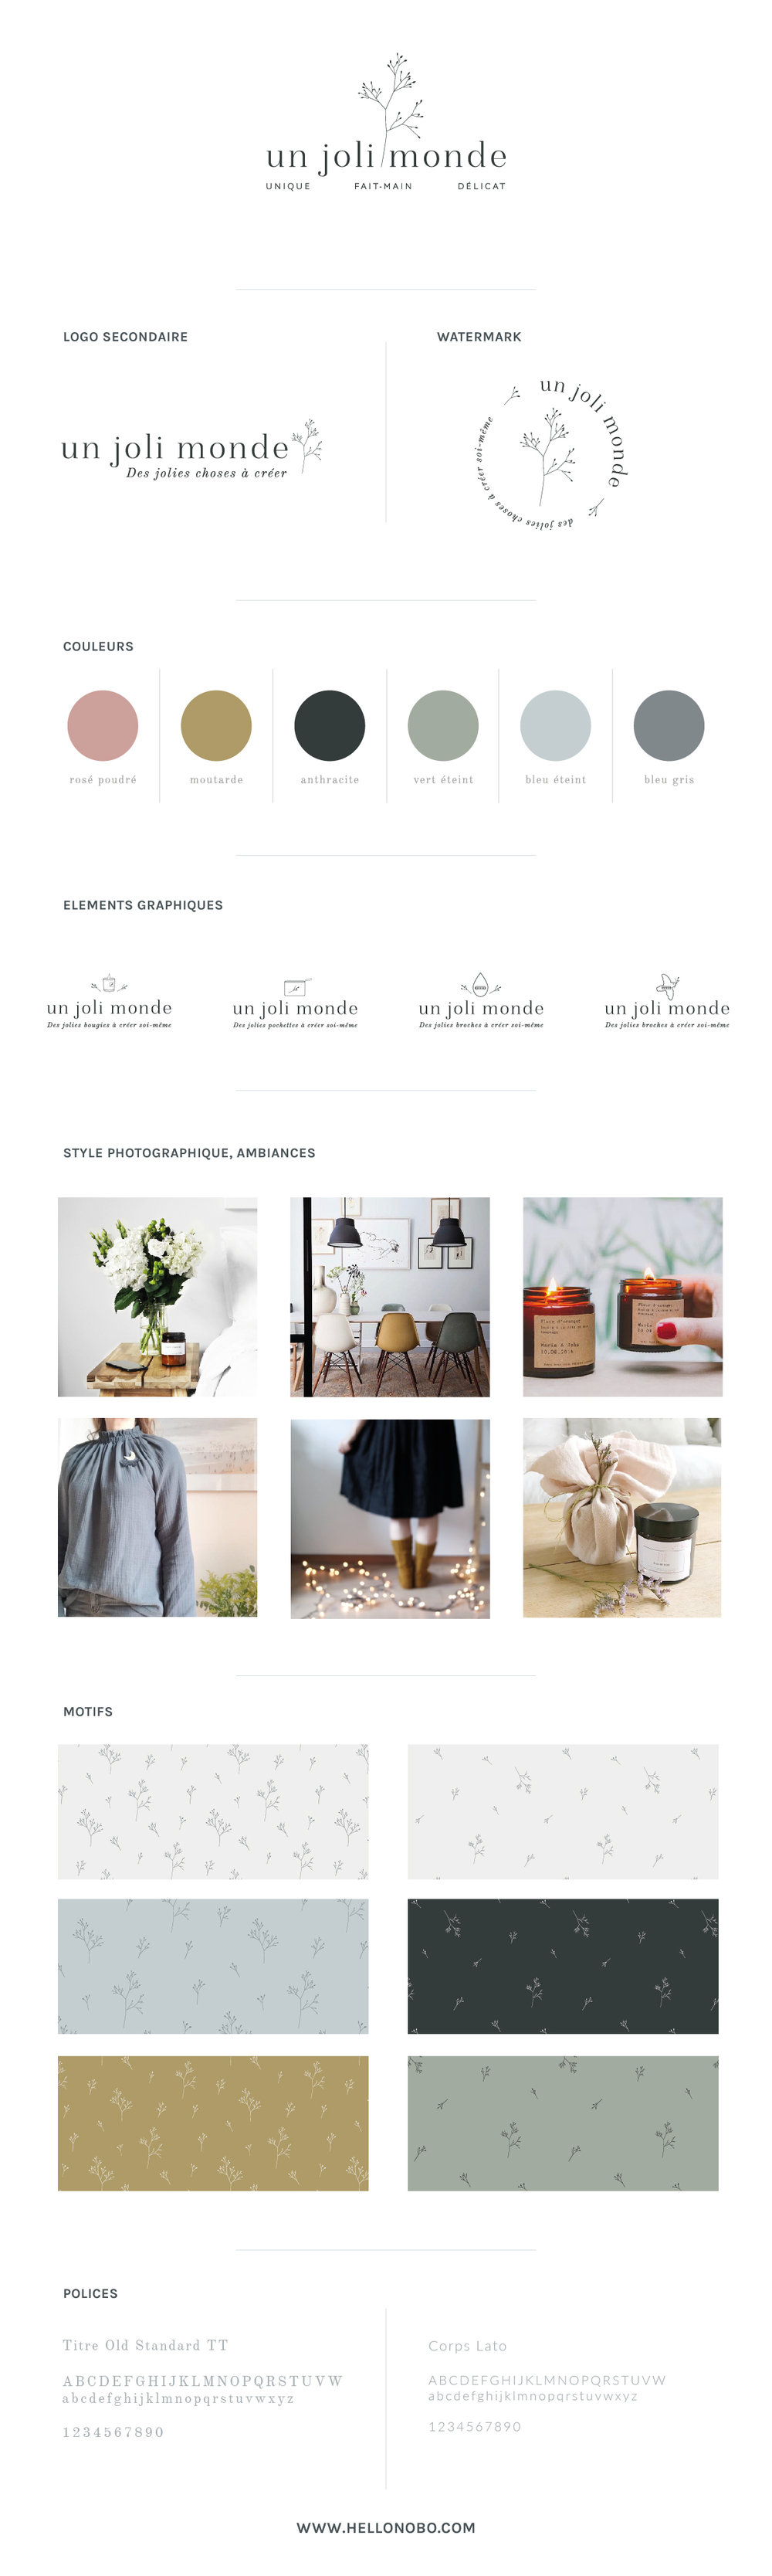 Brand Board Un Joli Monde by Hello Nobo